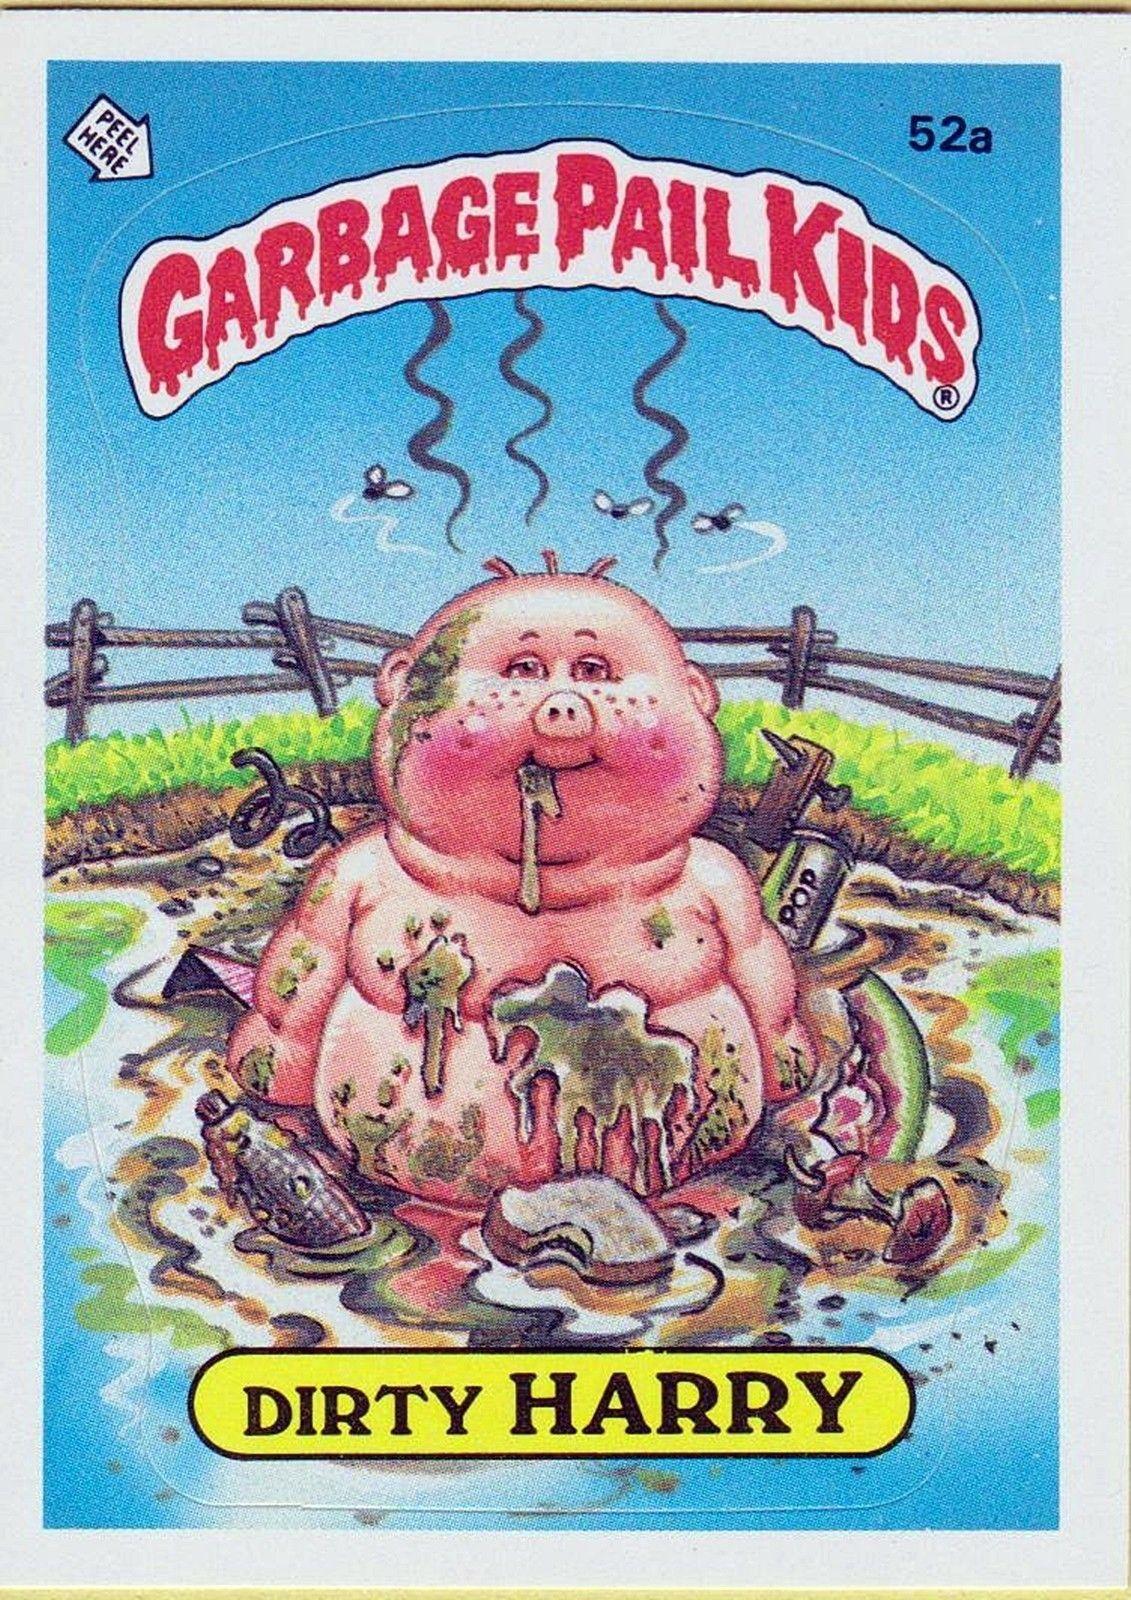 Pin By Vegan Voices Art On Garbage Pail Kids Garbage Pail Kids Garbage Pail Kids Cards Pail